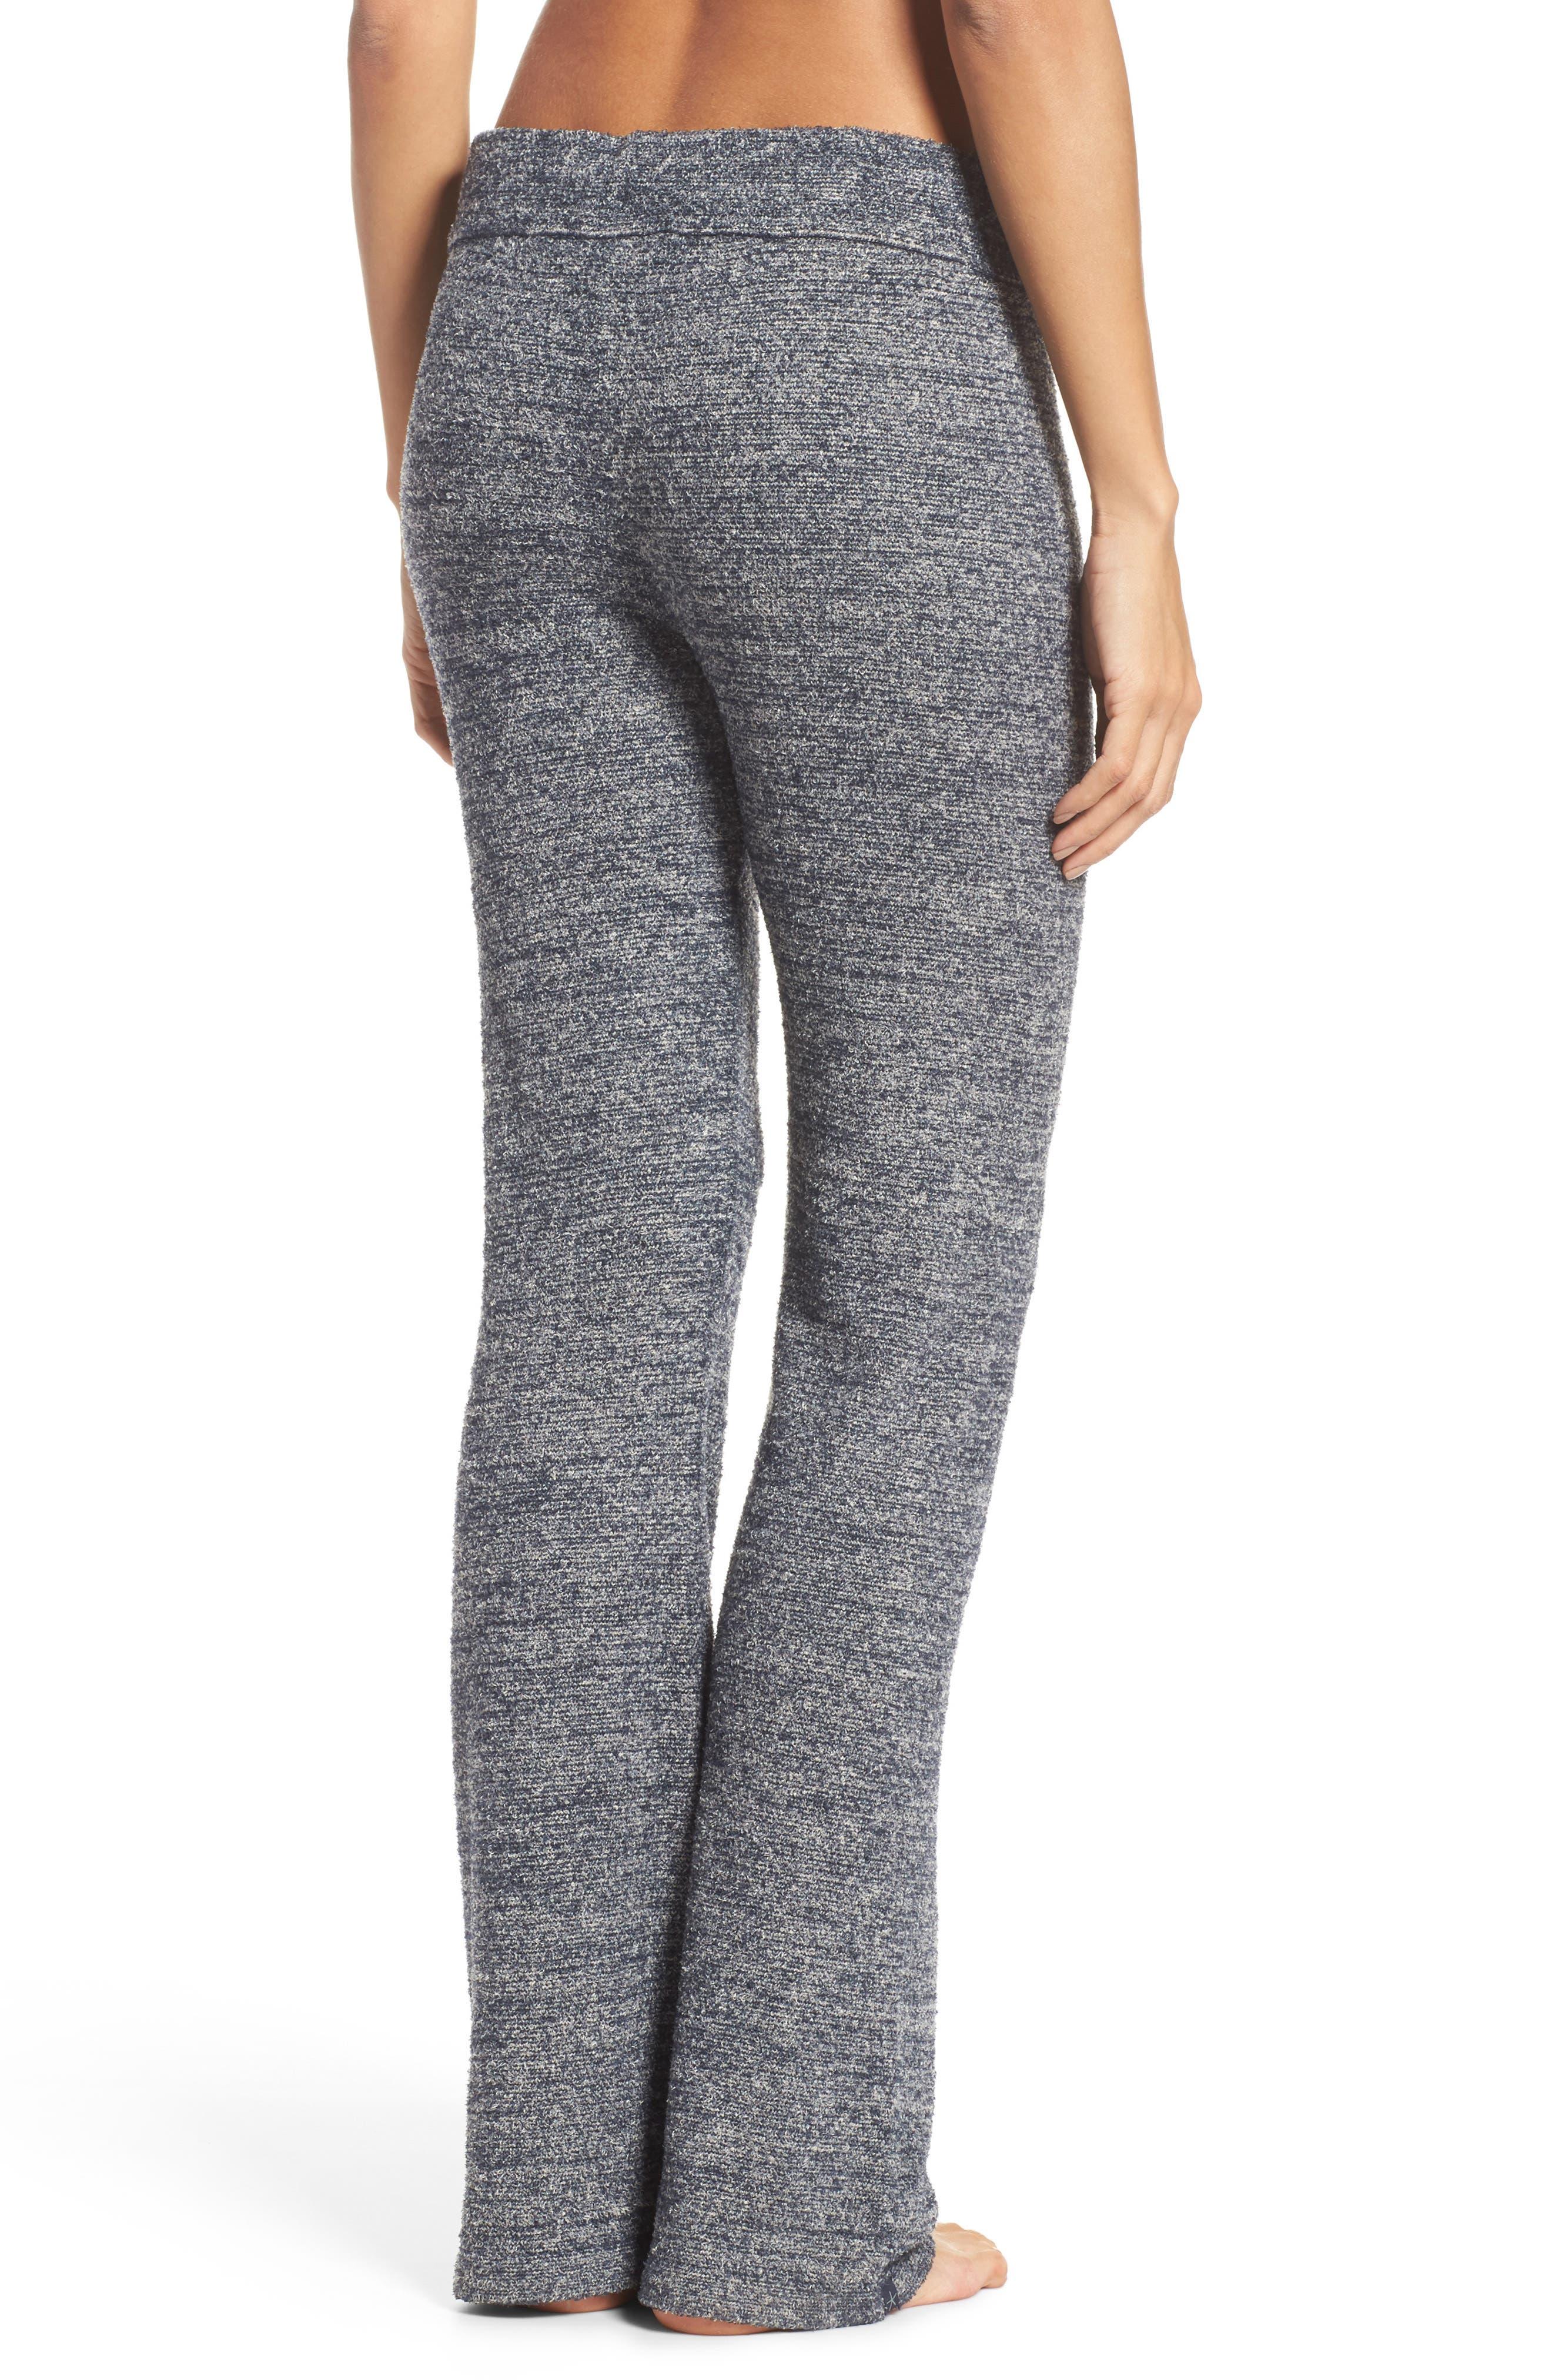 59ddd2aac1 Women's Loungewear Sale | Nordstrom